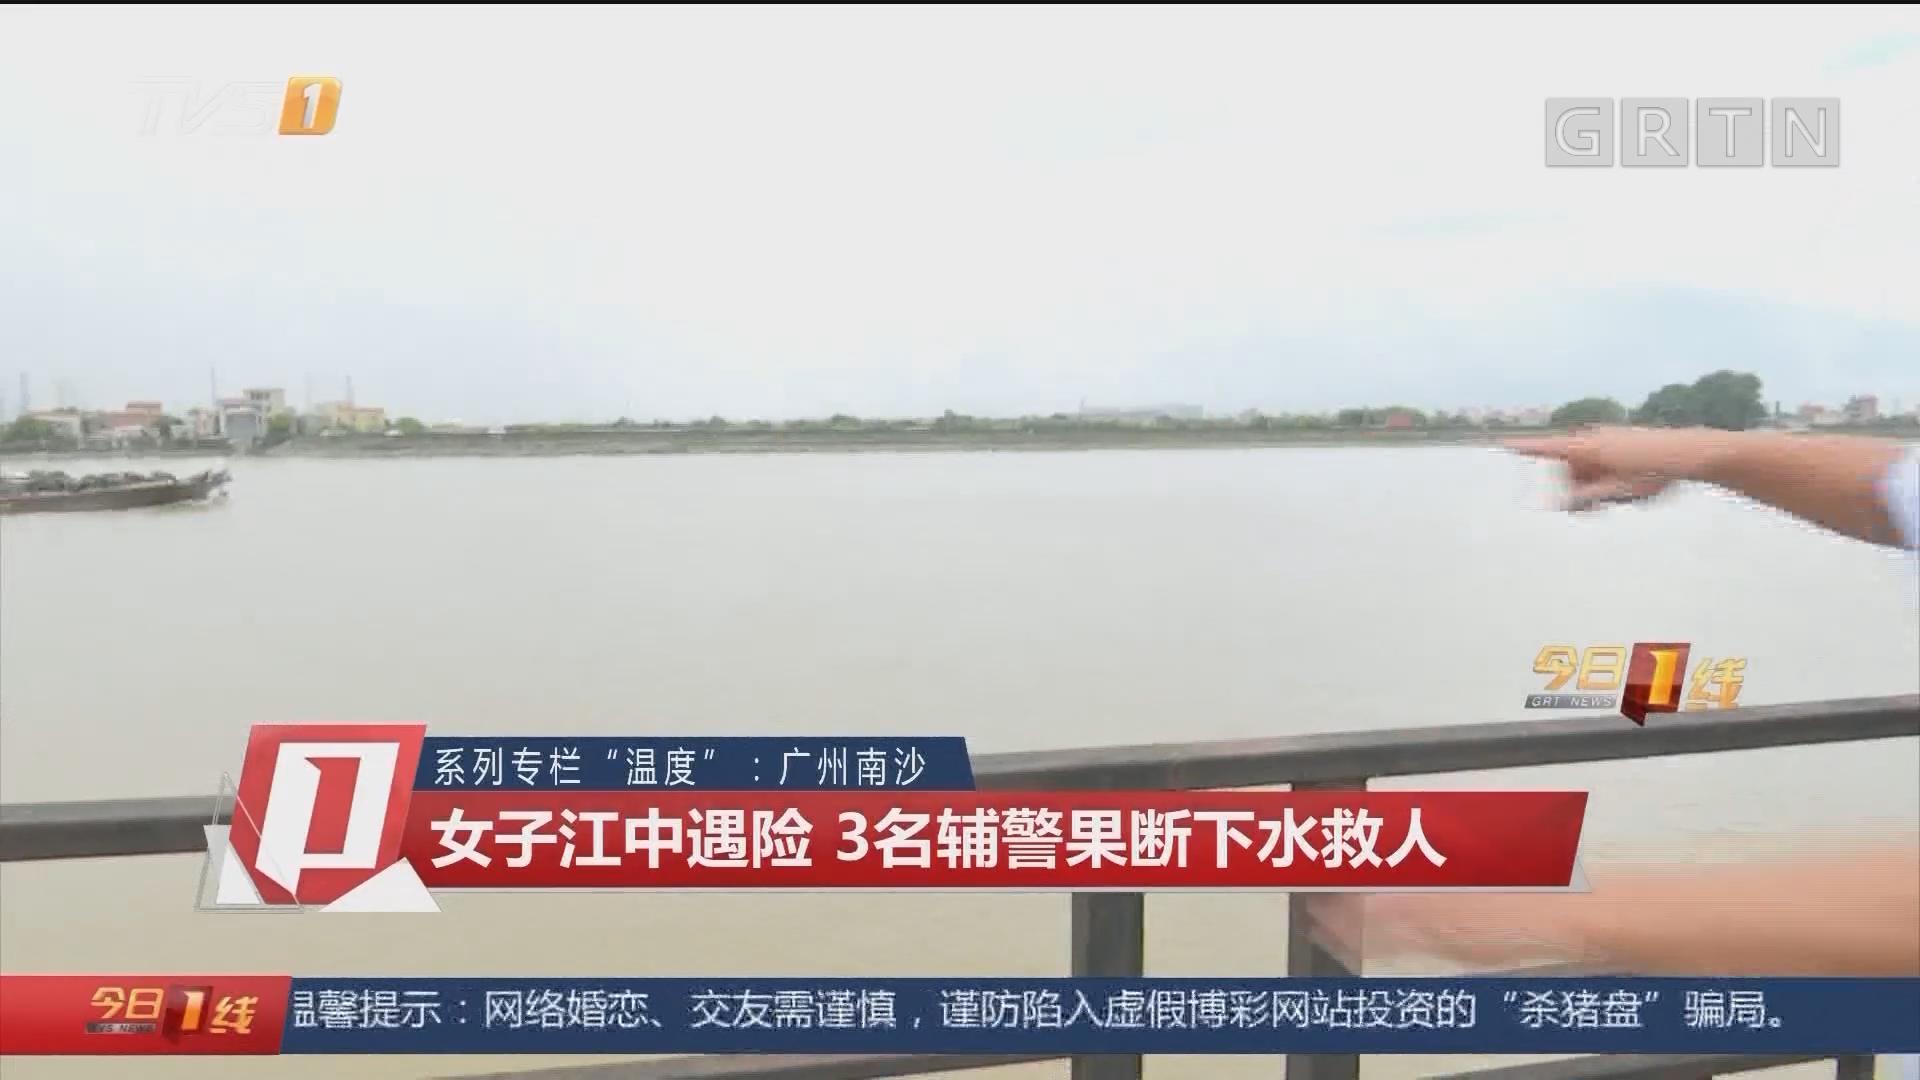 """系列专栏""""温度"""":广州南沙 女子江中遇险 3名辅警果断下水救人"""